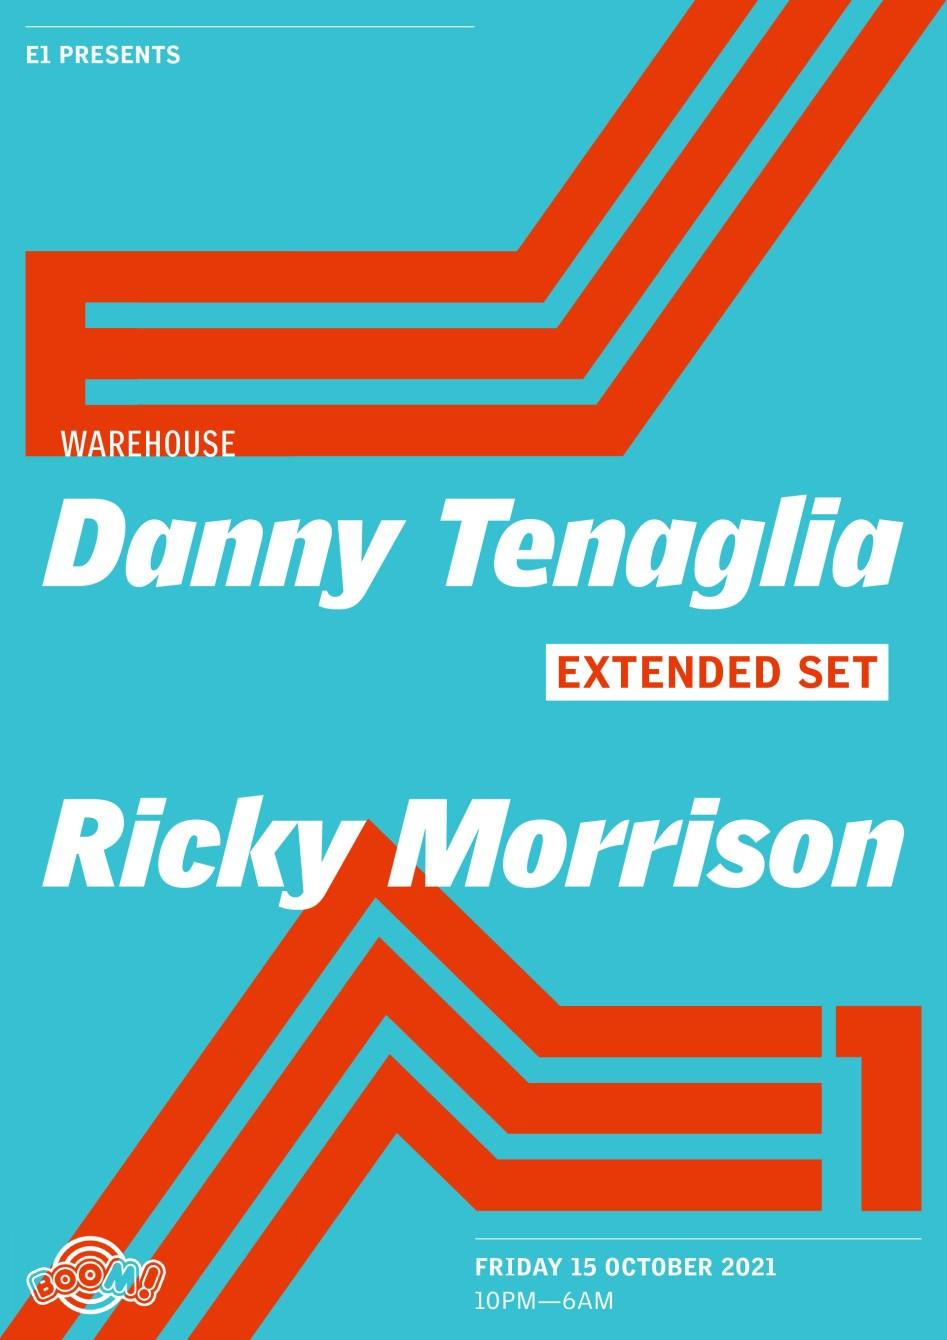 E1 presents: Danny Tenaglia (Extended Set) - Flyer front